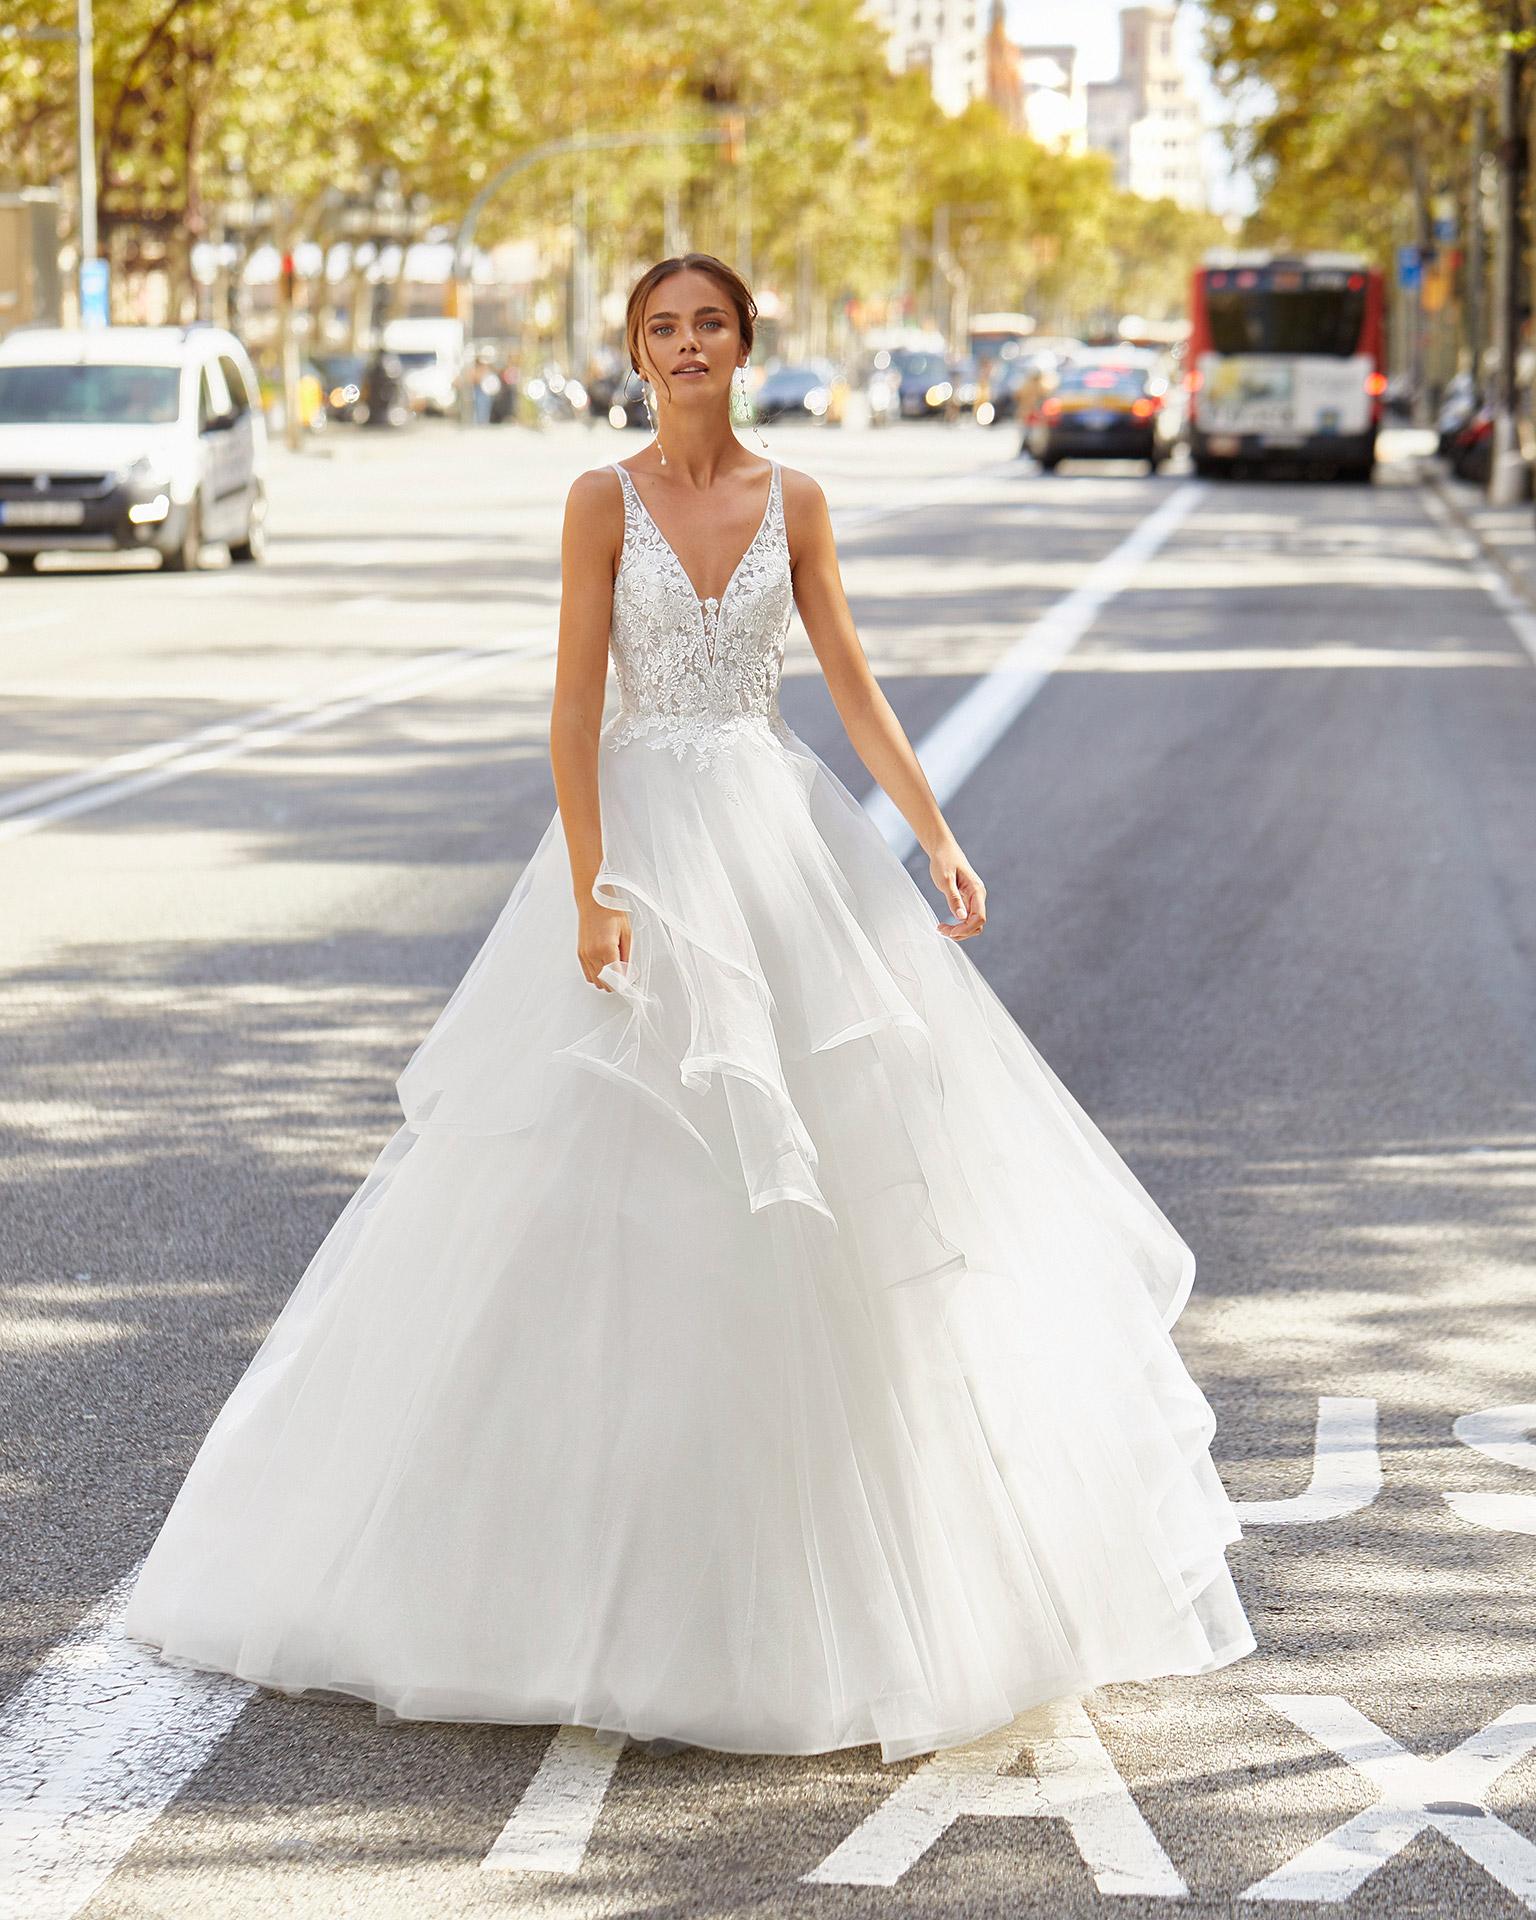 Vestido de novia estilo fantasía de tul, encaje y pedrería. Con escote pico y espalda escotada. Colección  2021.